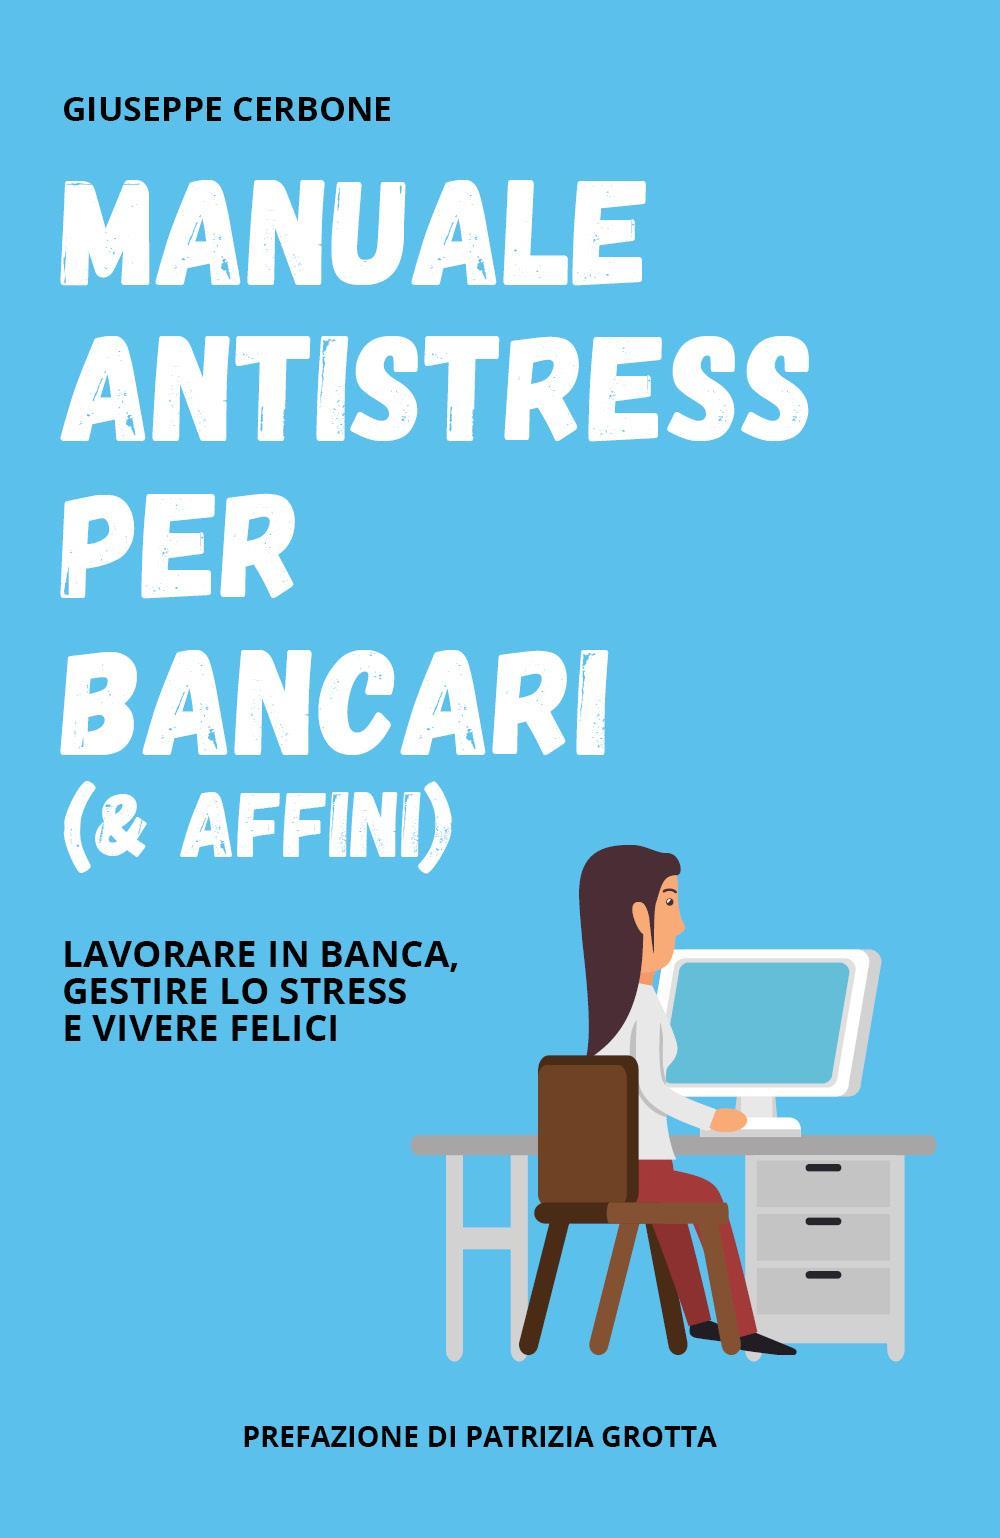 Manuale antistress per bancari (& affini). Lavorare in banca, gestire lo stress e vivere felici